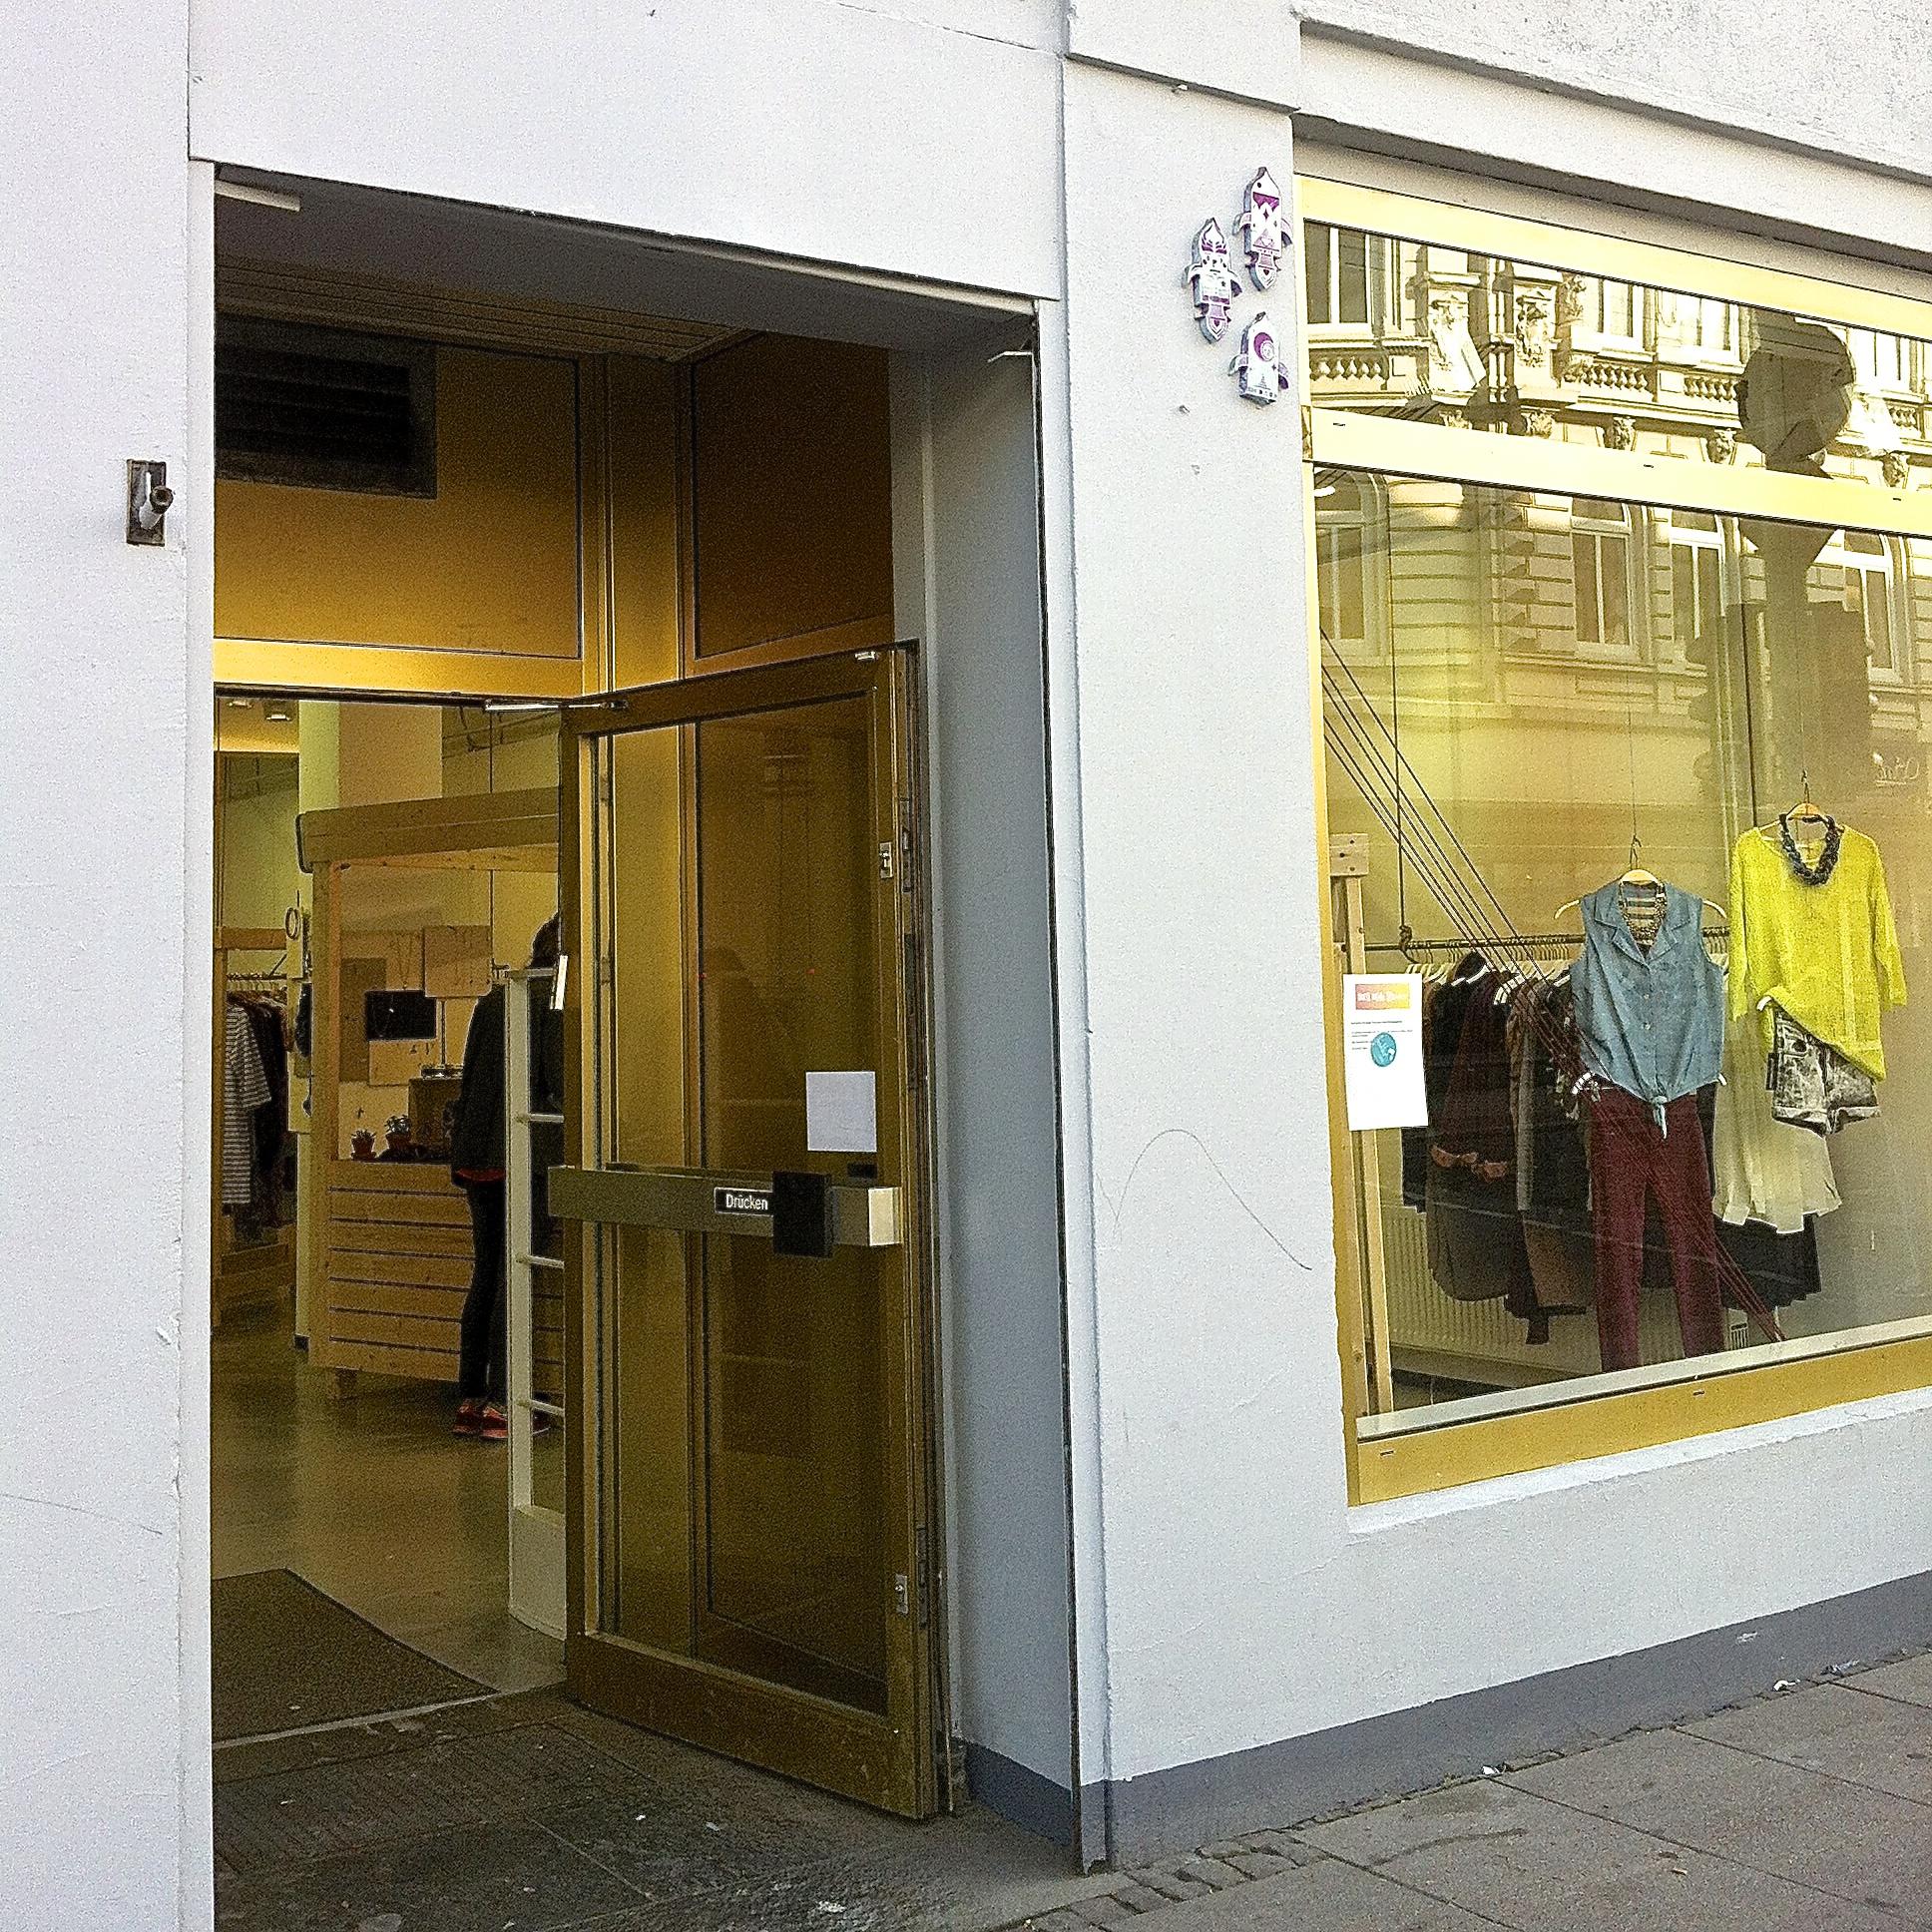 Kauf dich glücklich Store Schulterblatt 1, Schaufenster, Ladeneingang